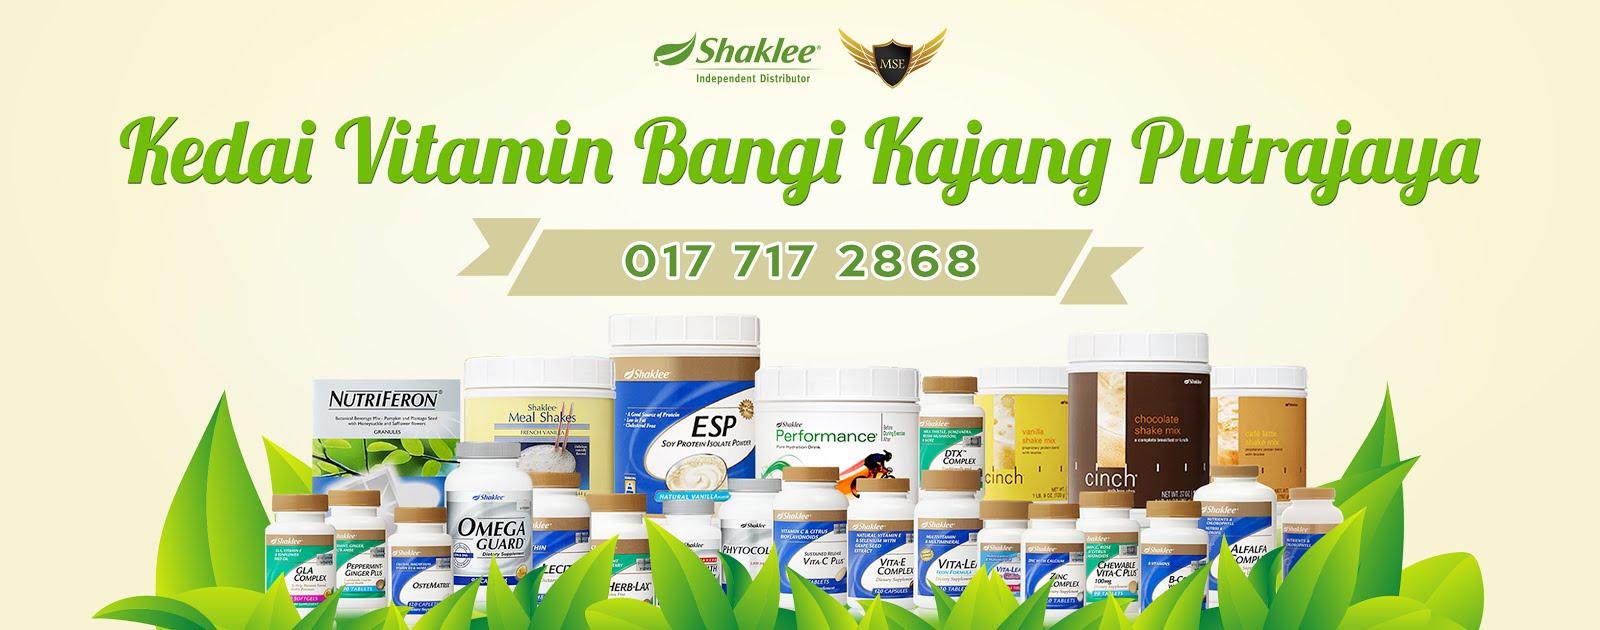 Kedai Vitamin Bangi Kajang Putrajaya